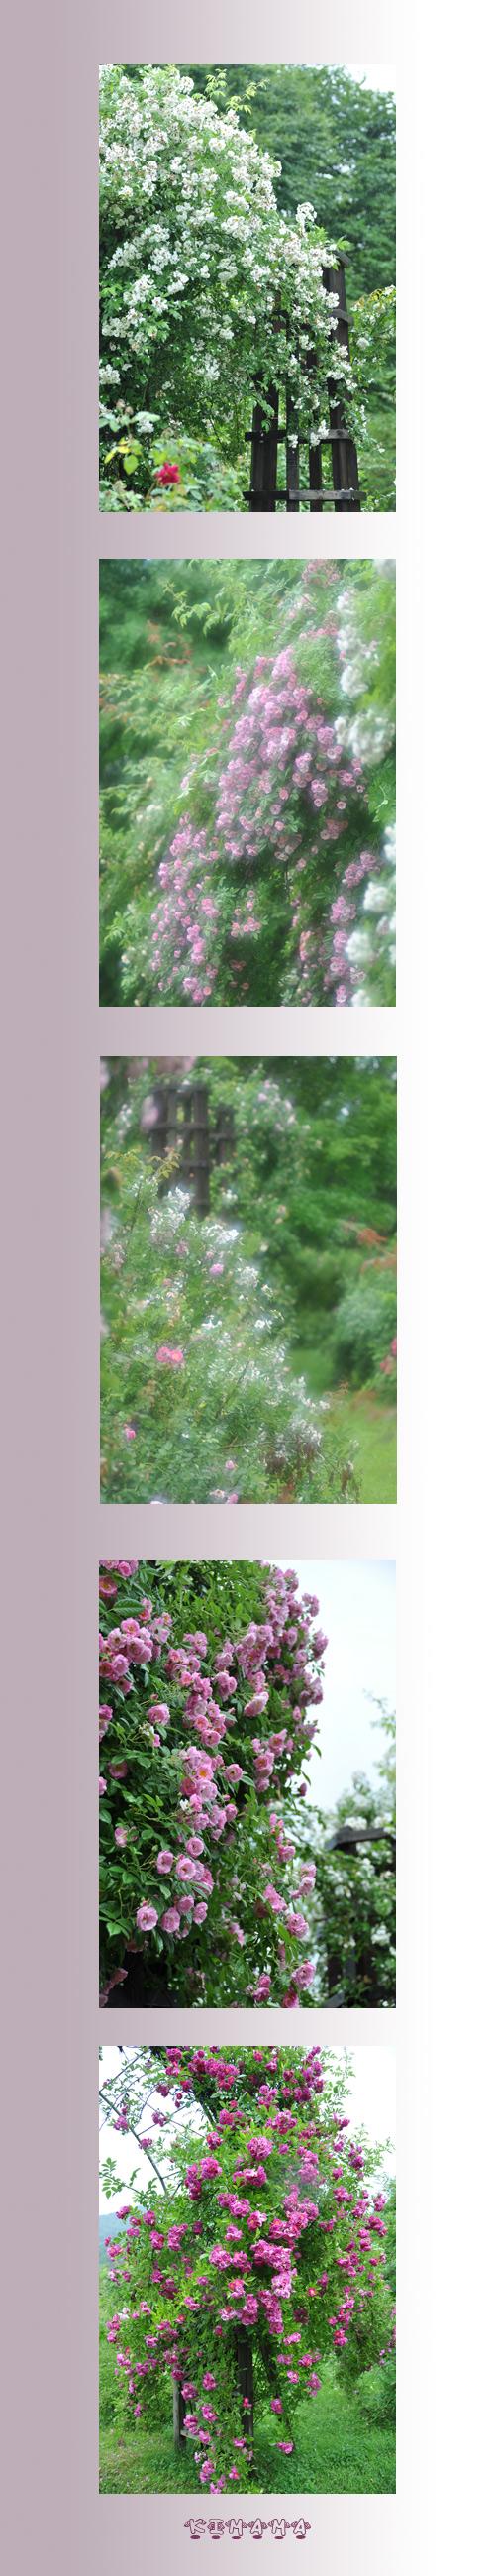 7月13日秘密の花園3